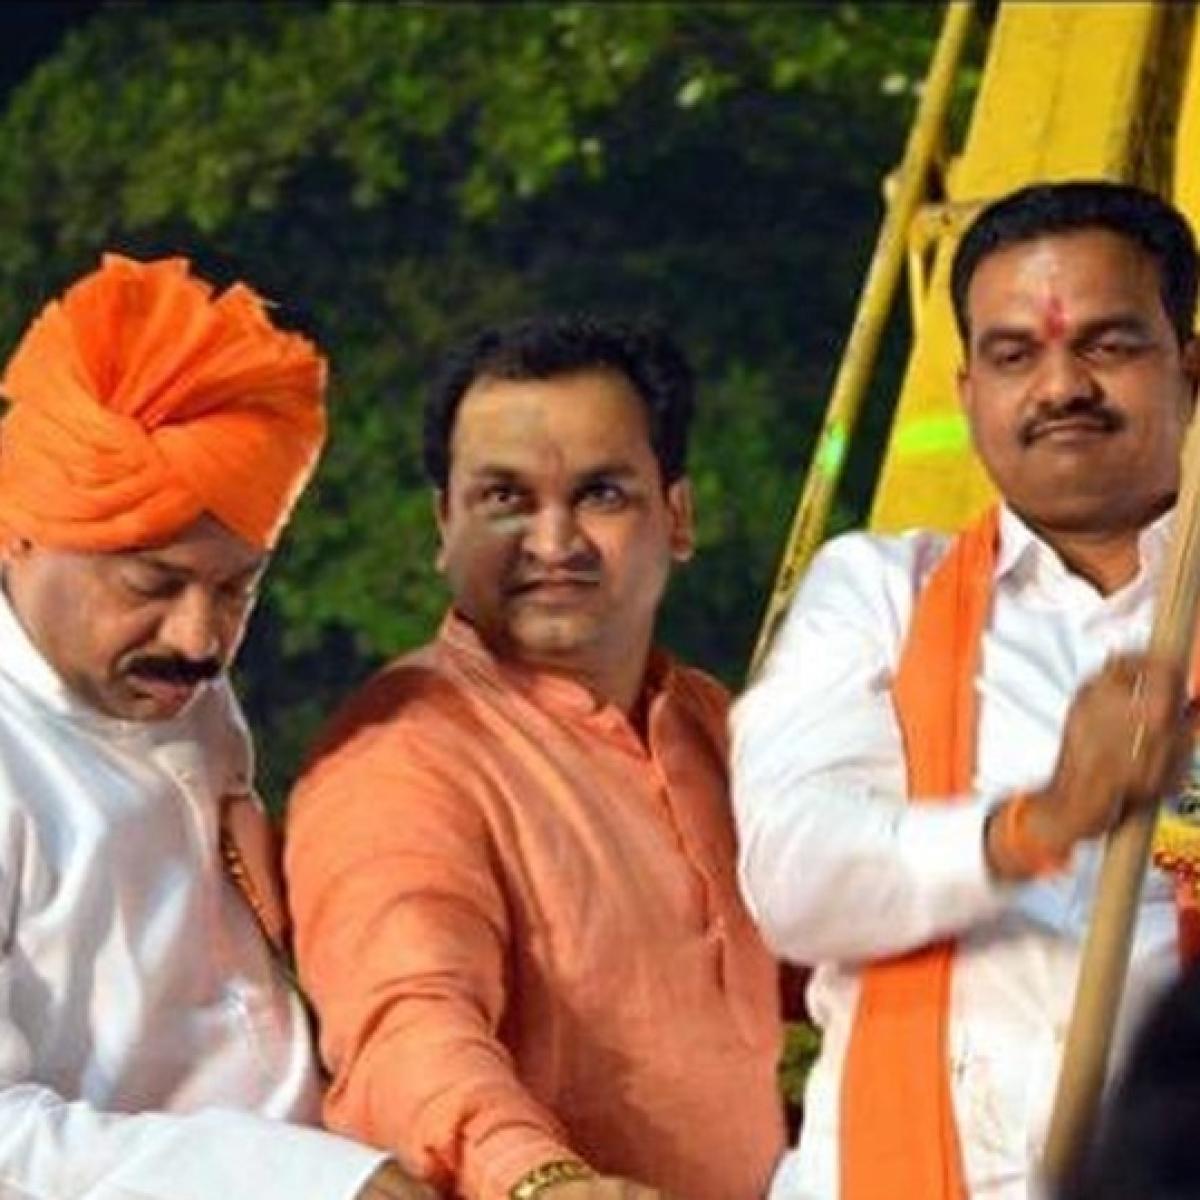 Maharashtra Election 2019 – Bhiwandi East Assembly Constituency of Mumbai: Rais Shaikh of Samajvadi pary wins